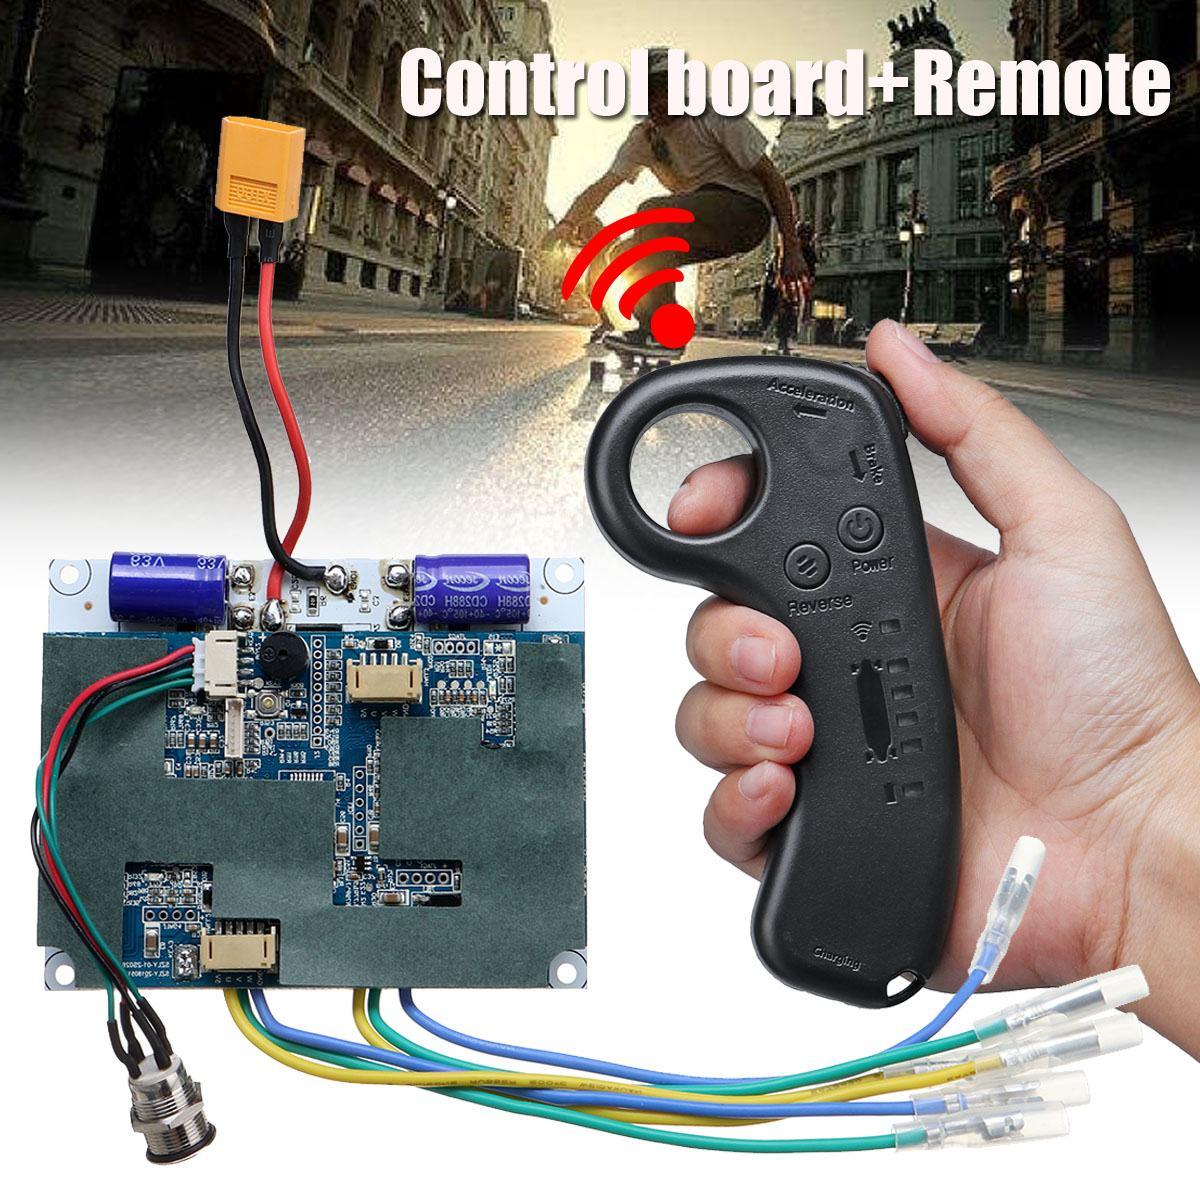 36 V Dual Motor eléctrico monopatín Longboard controlador de unidad ESC Hub motor Mini remoto eléctrico monopatín Accesorios